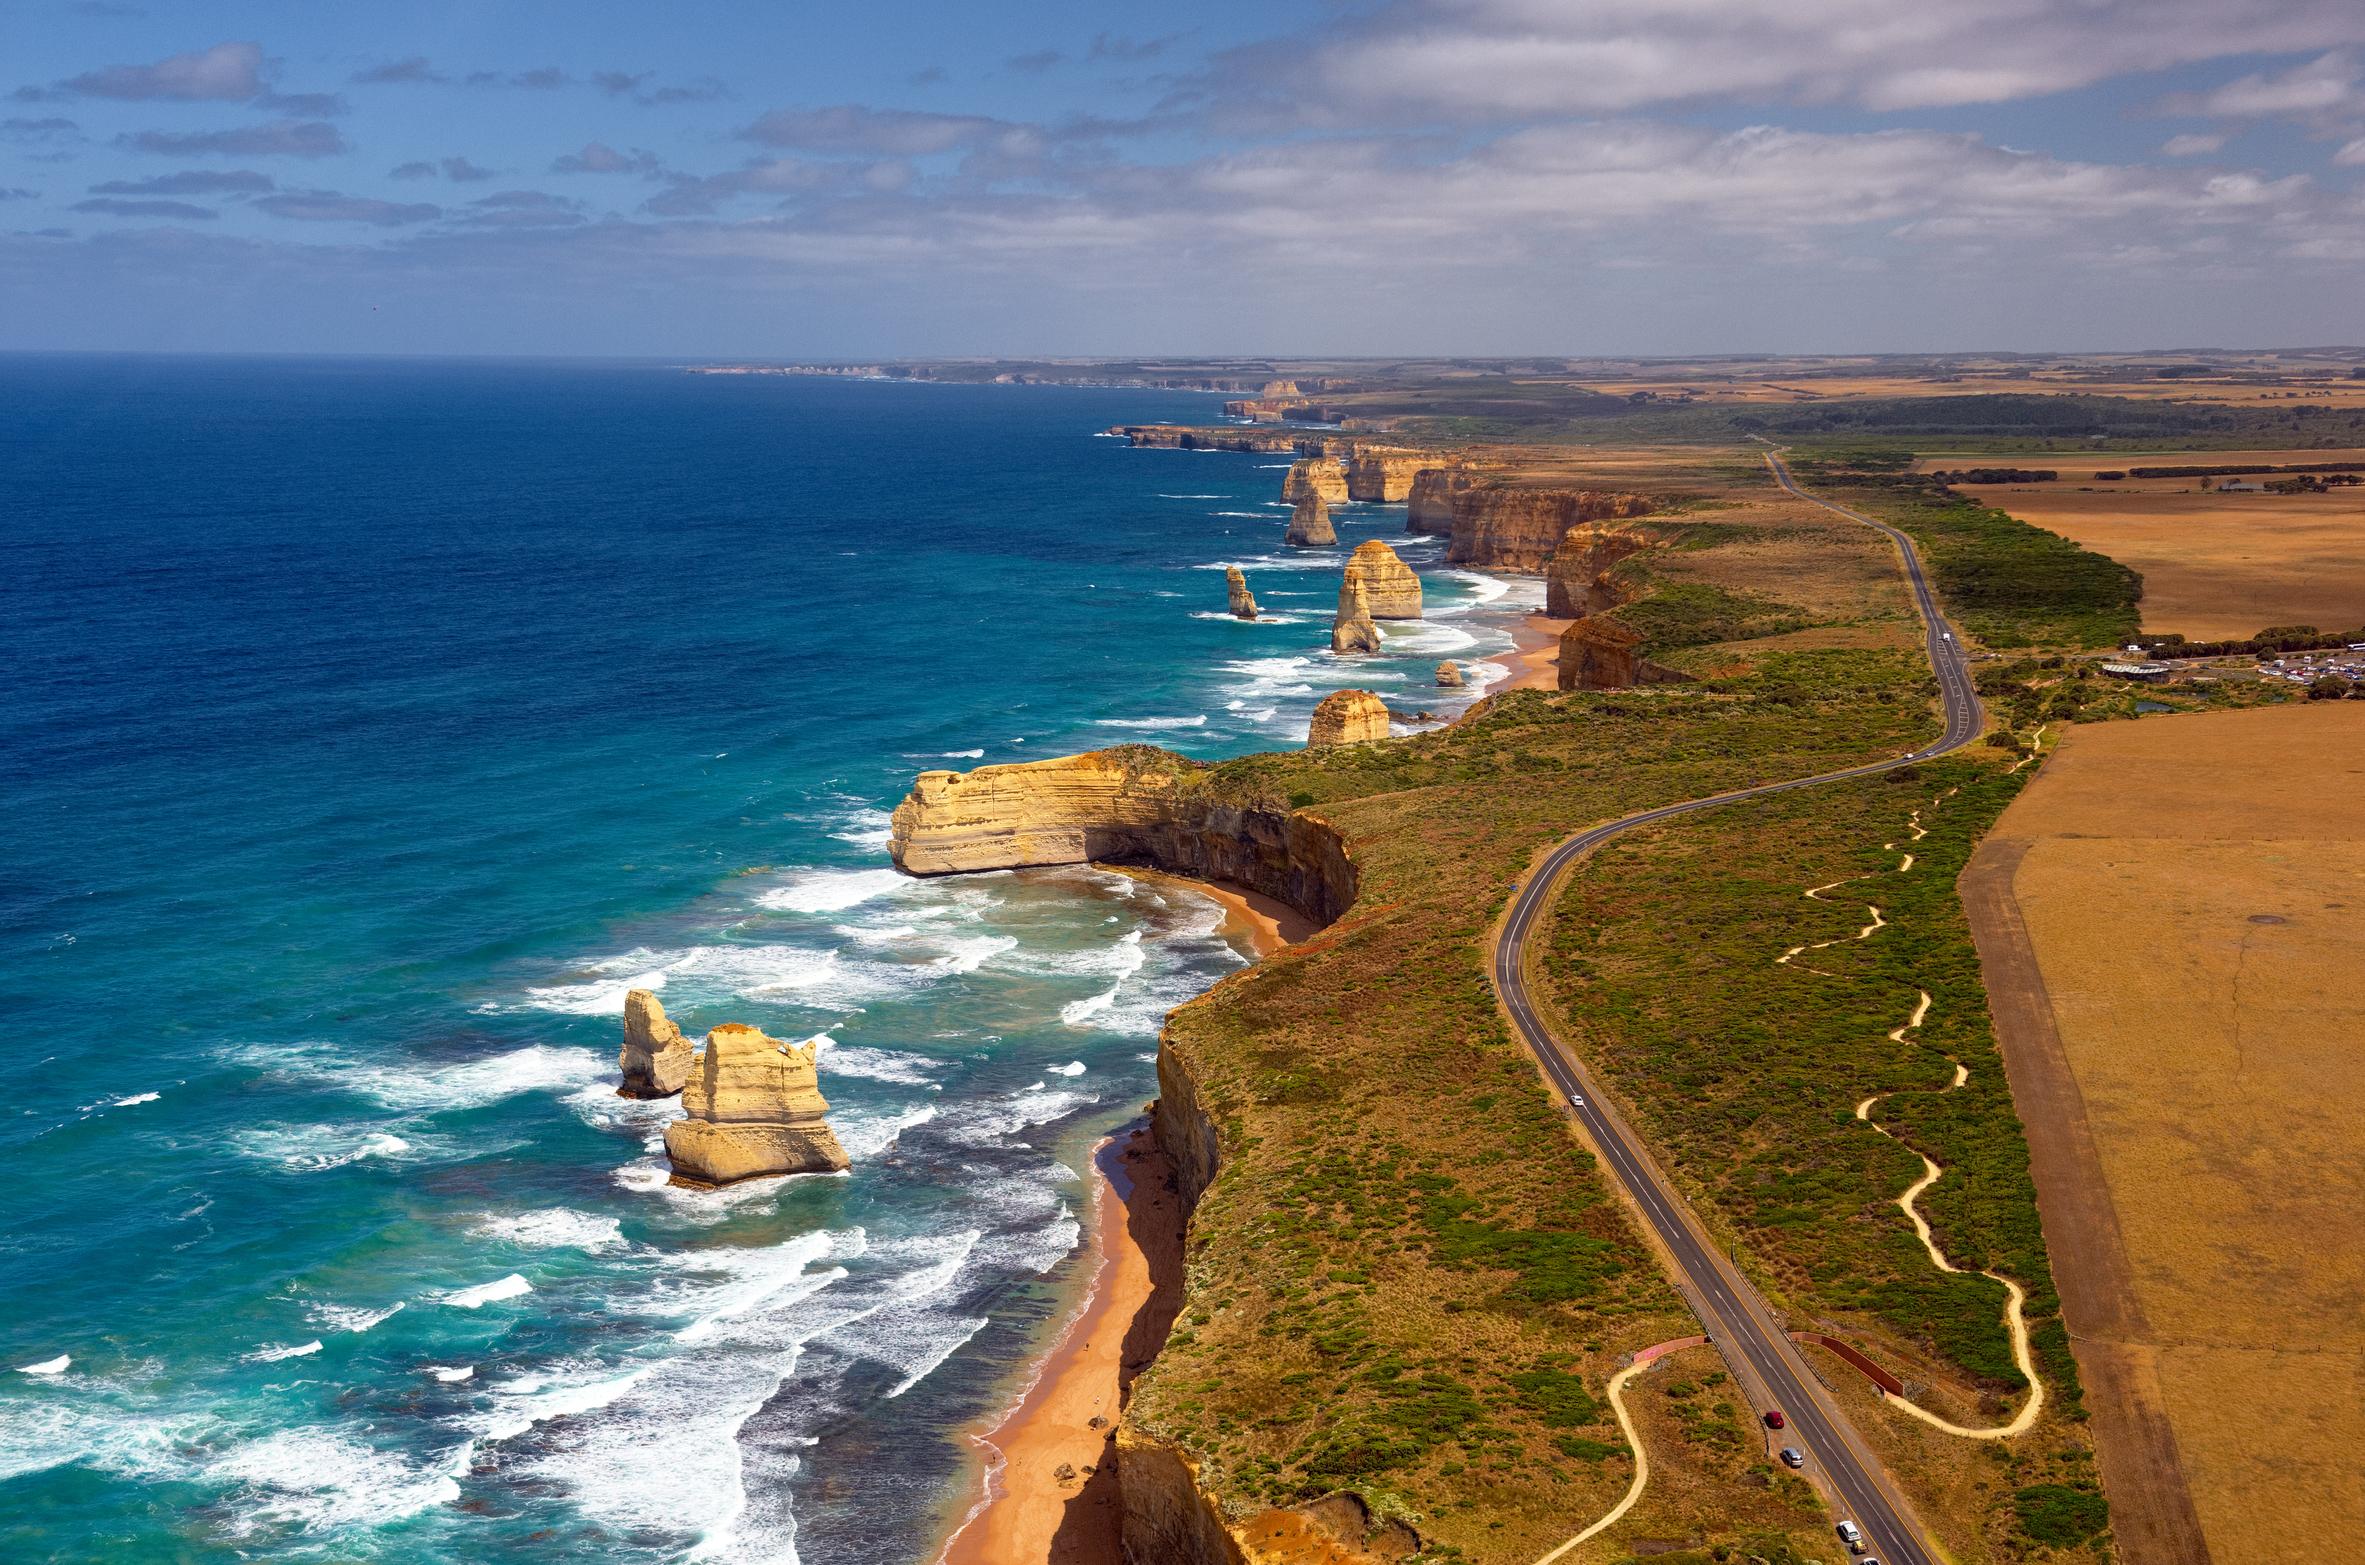 澳大利亚畅游大堡礁+大洋路全景9日游【销量冠军!国航直飞+升级两晚五星+双大堡礁】